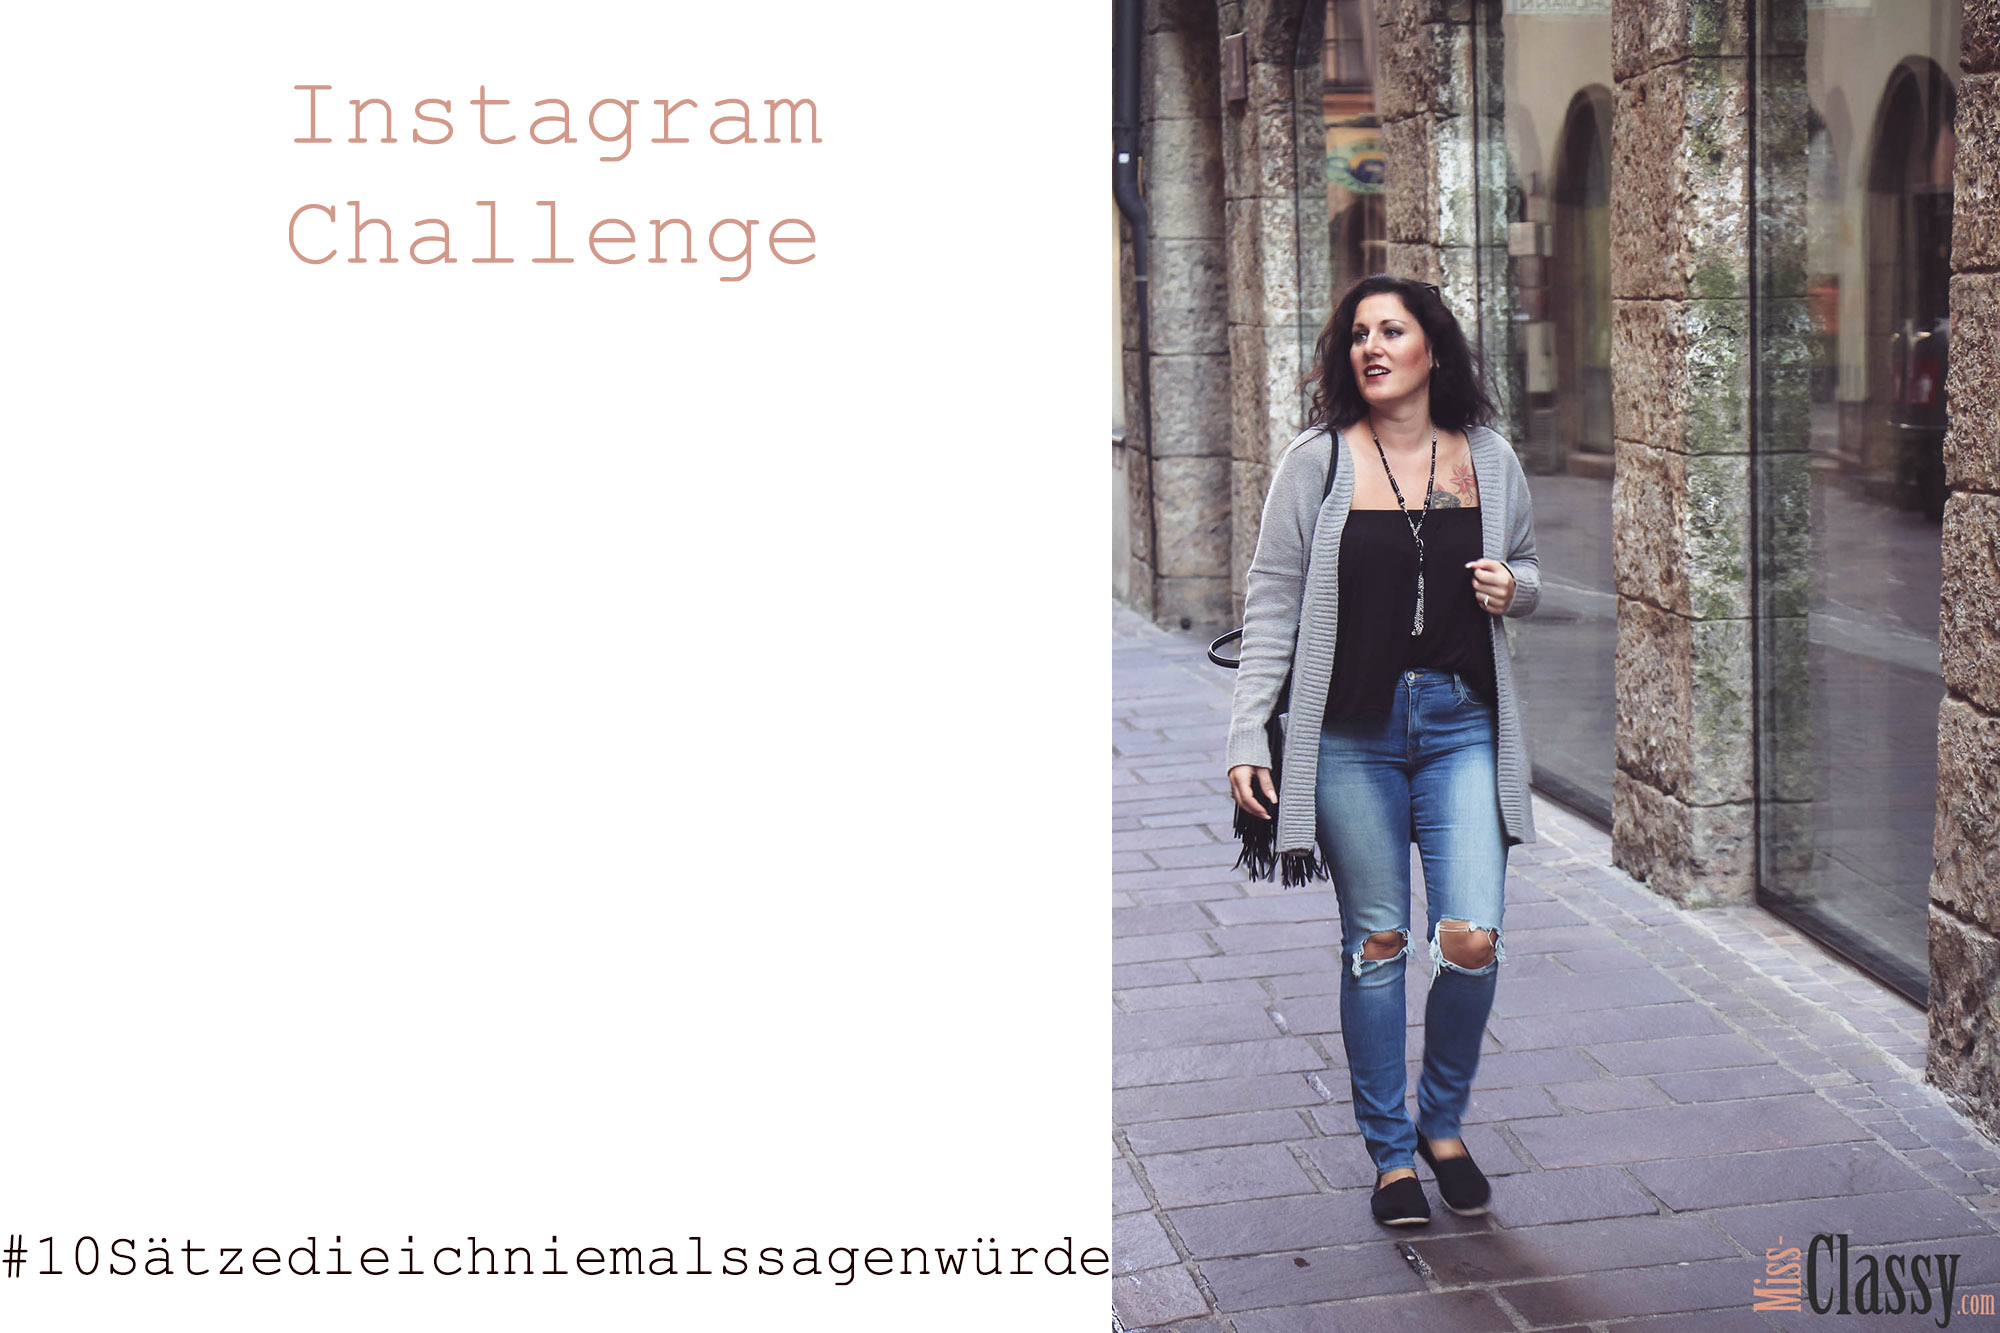 Instagram-Challenge #10sätzedieichniemalssagenwürde